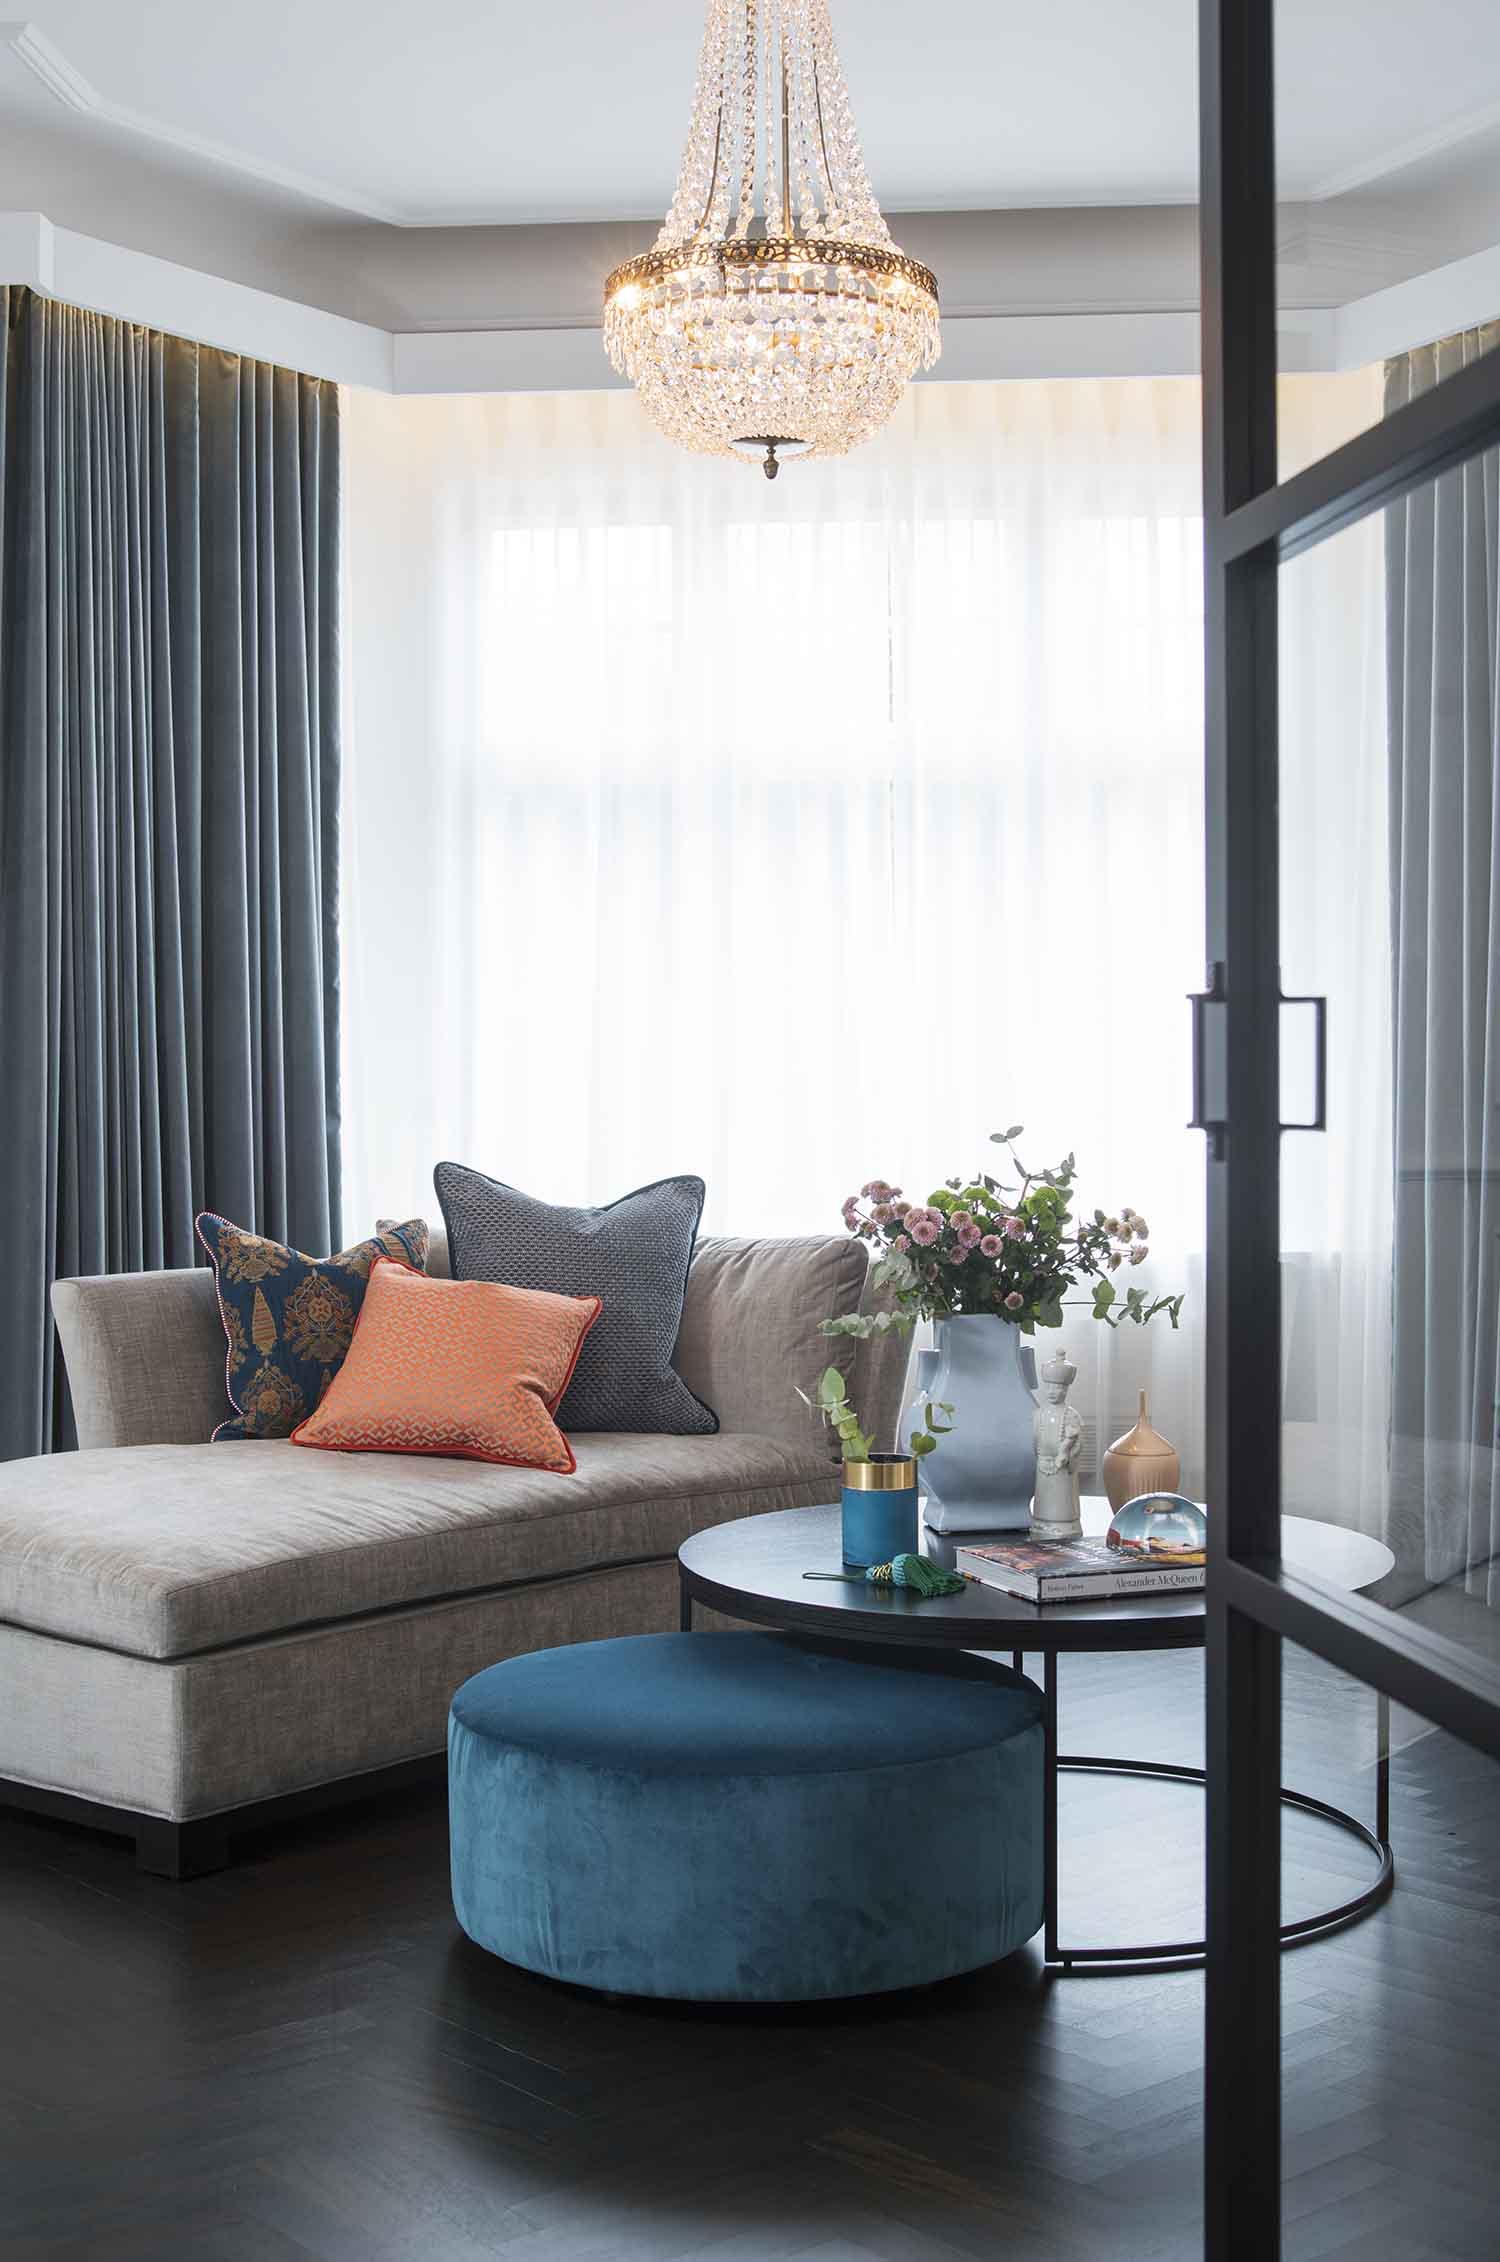 interiør, interiørarkitektur, ramsoskar, ramsøskar, stue, lysekrone, lounge, sofabed